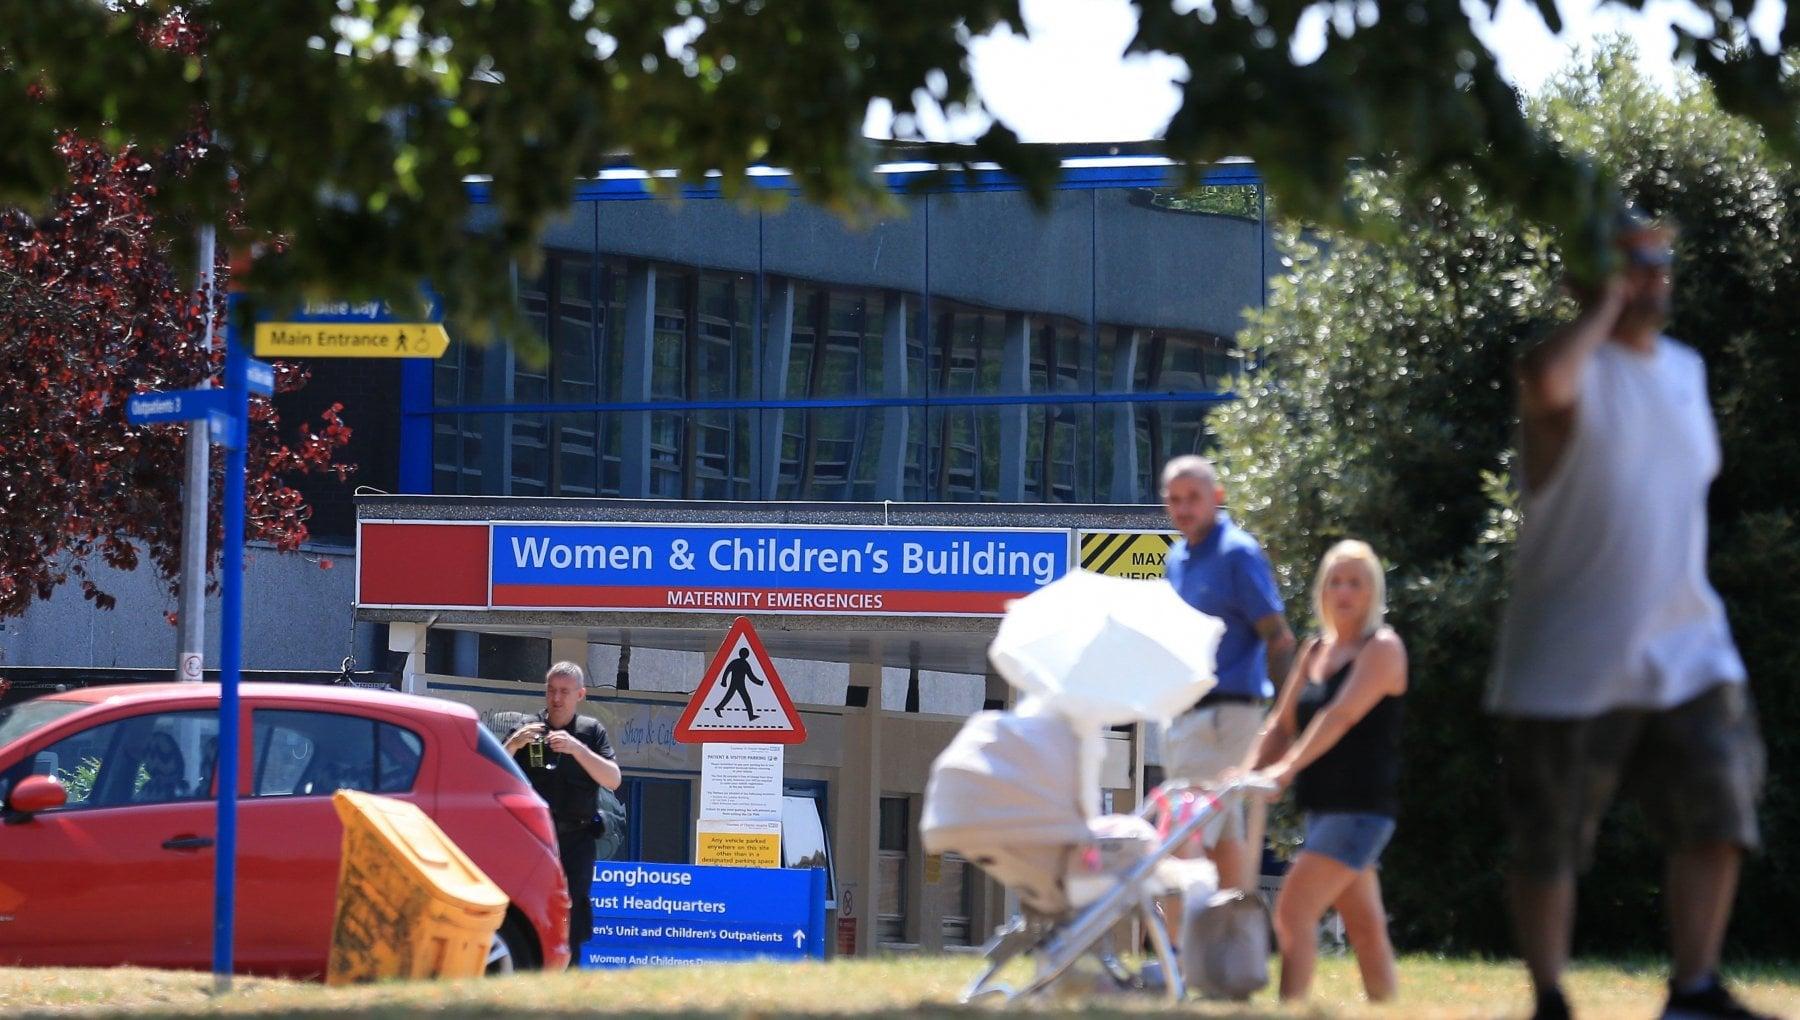 Regno Unito infermiera accusata di aver ucciso almeno 10 bambini